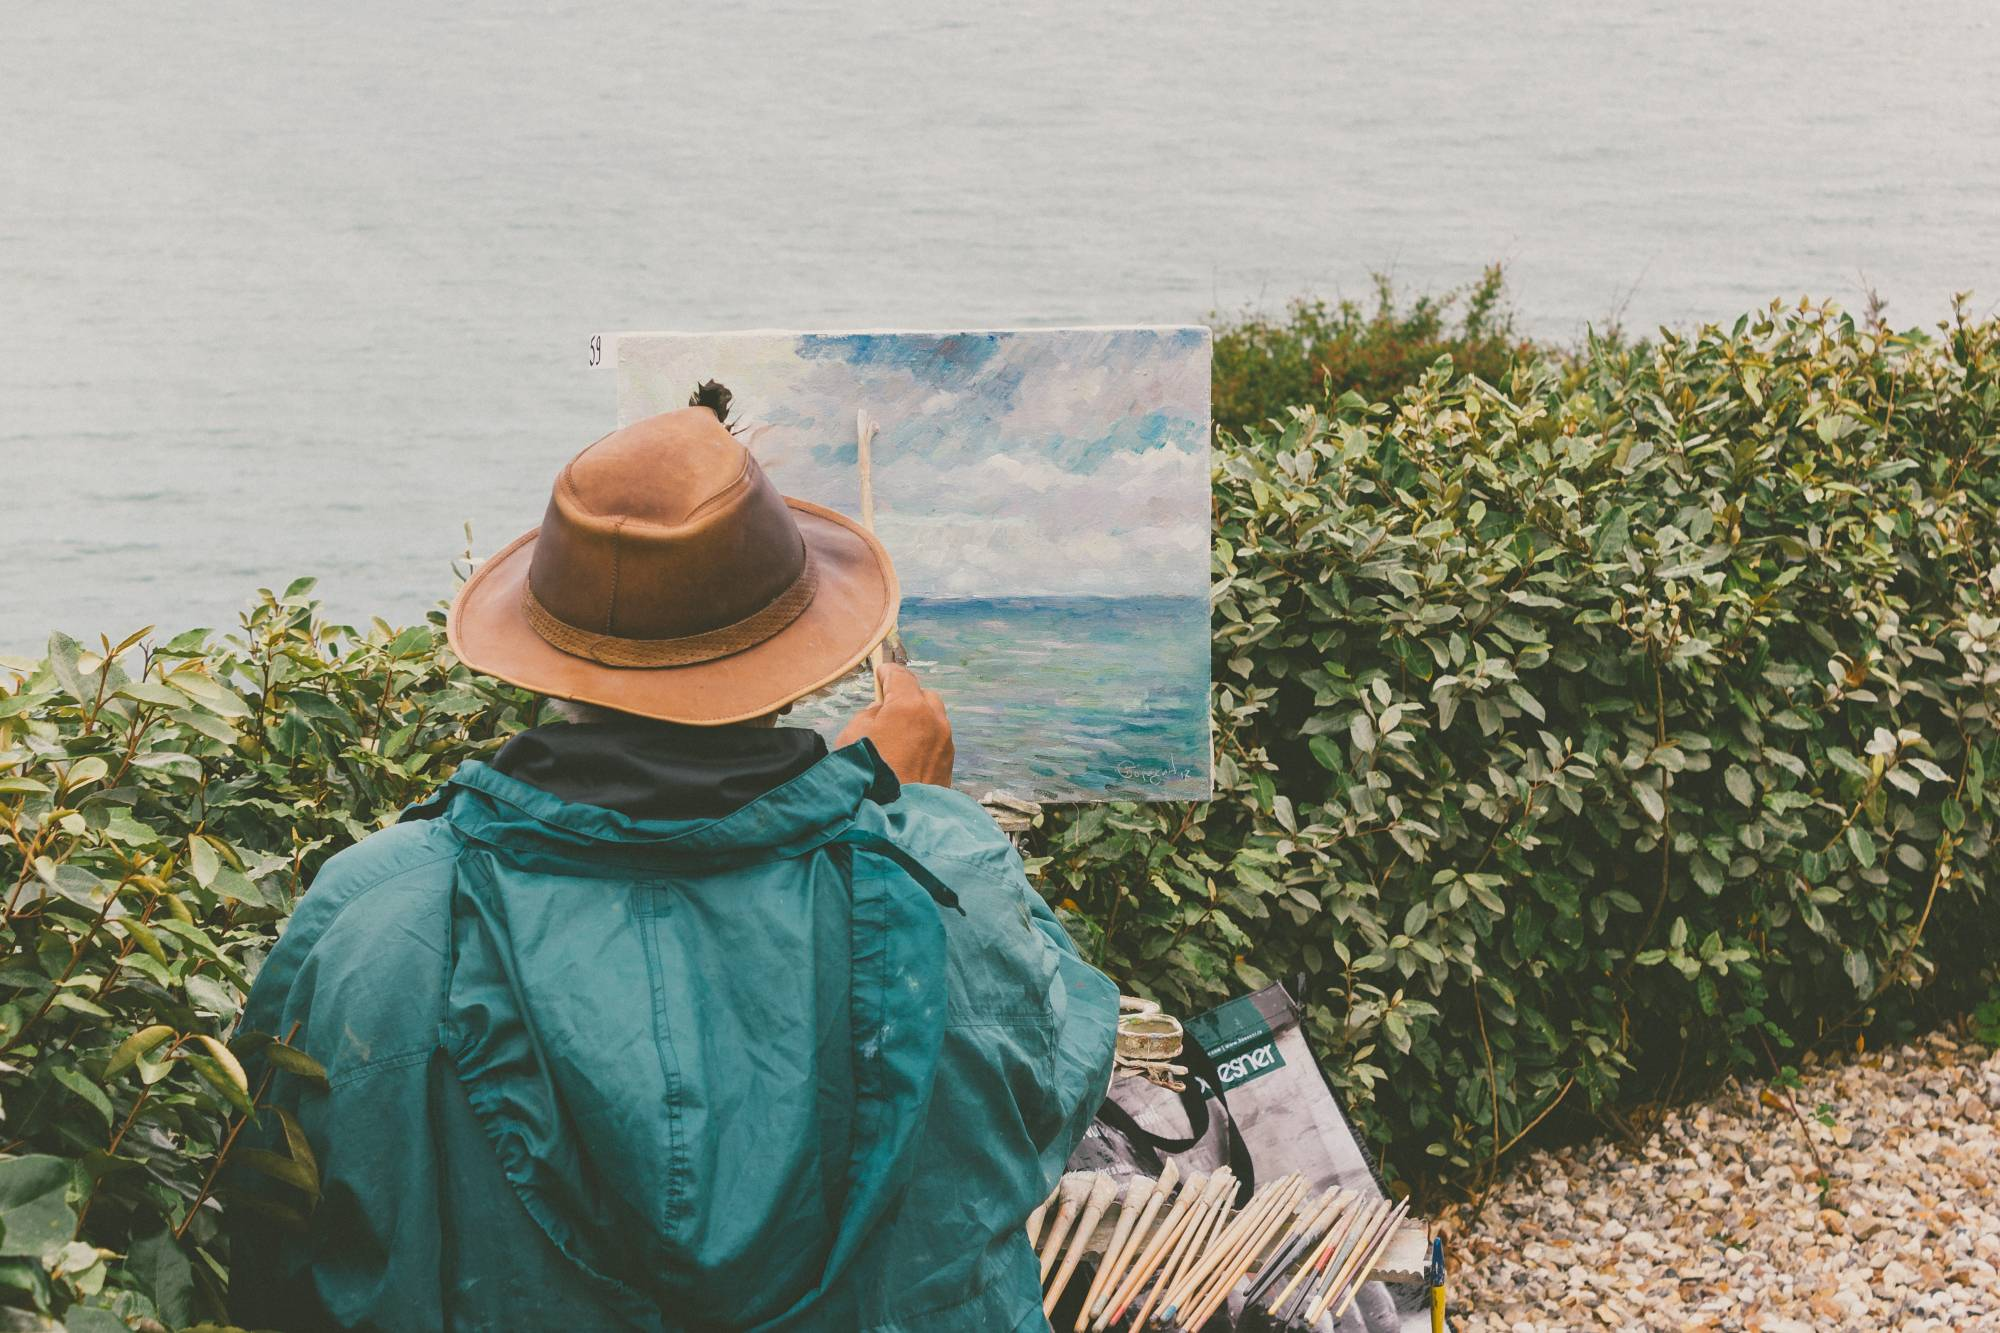 man painting landscape